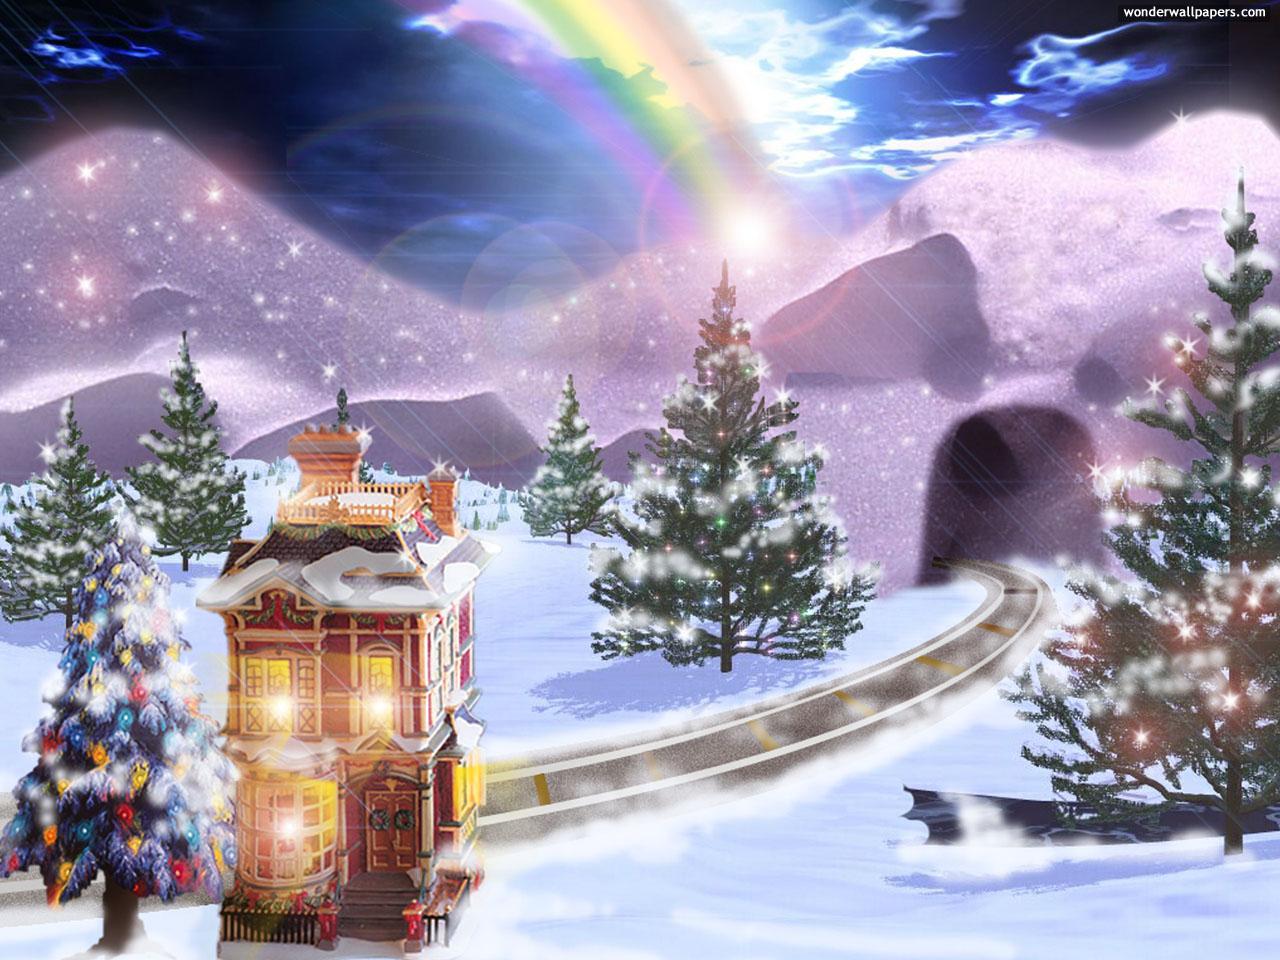 Hintergrundbilder Weihnachten Hd - wallpaper weihnachten 063 Wallpaper HD